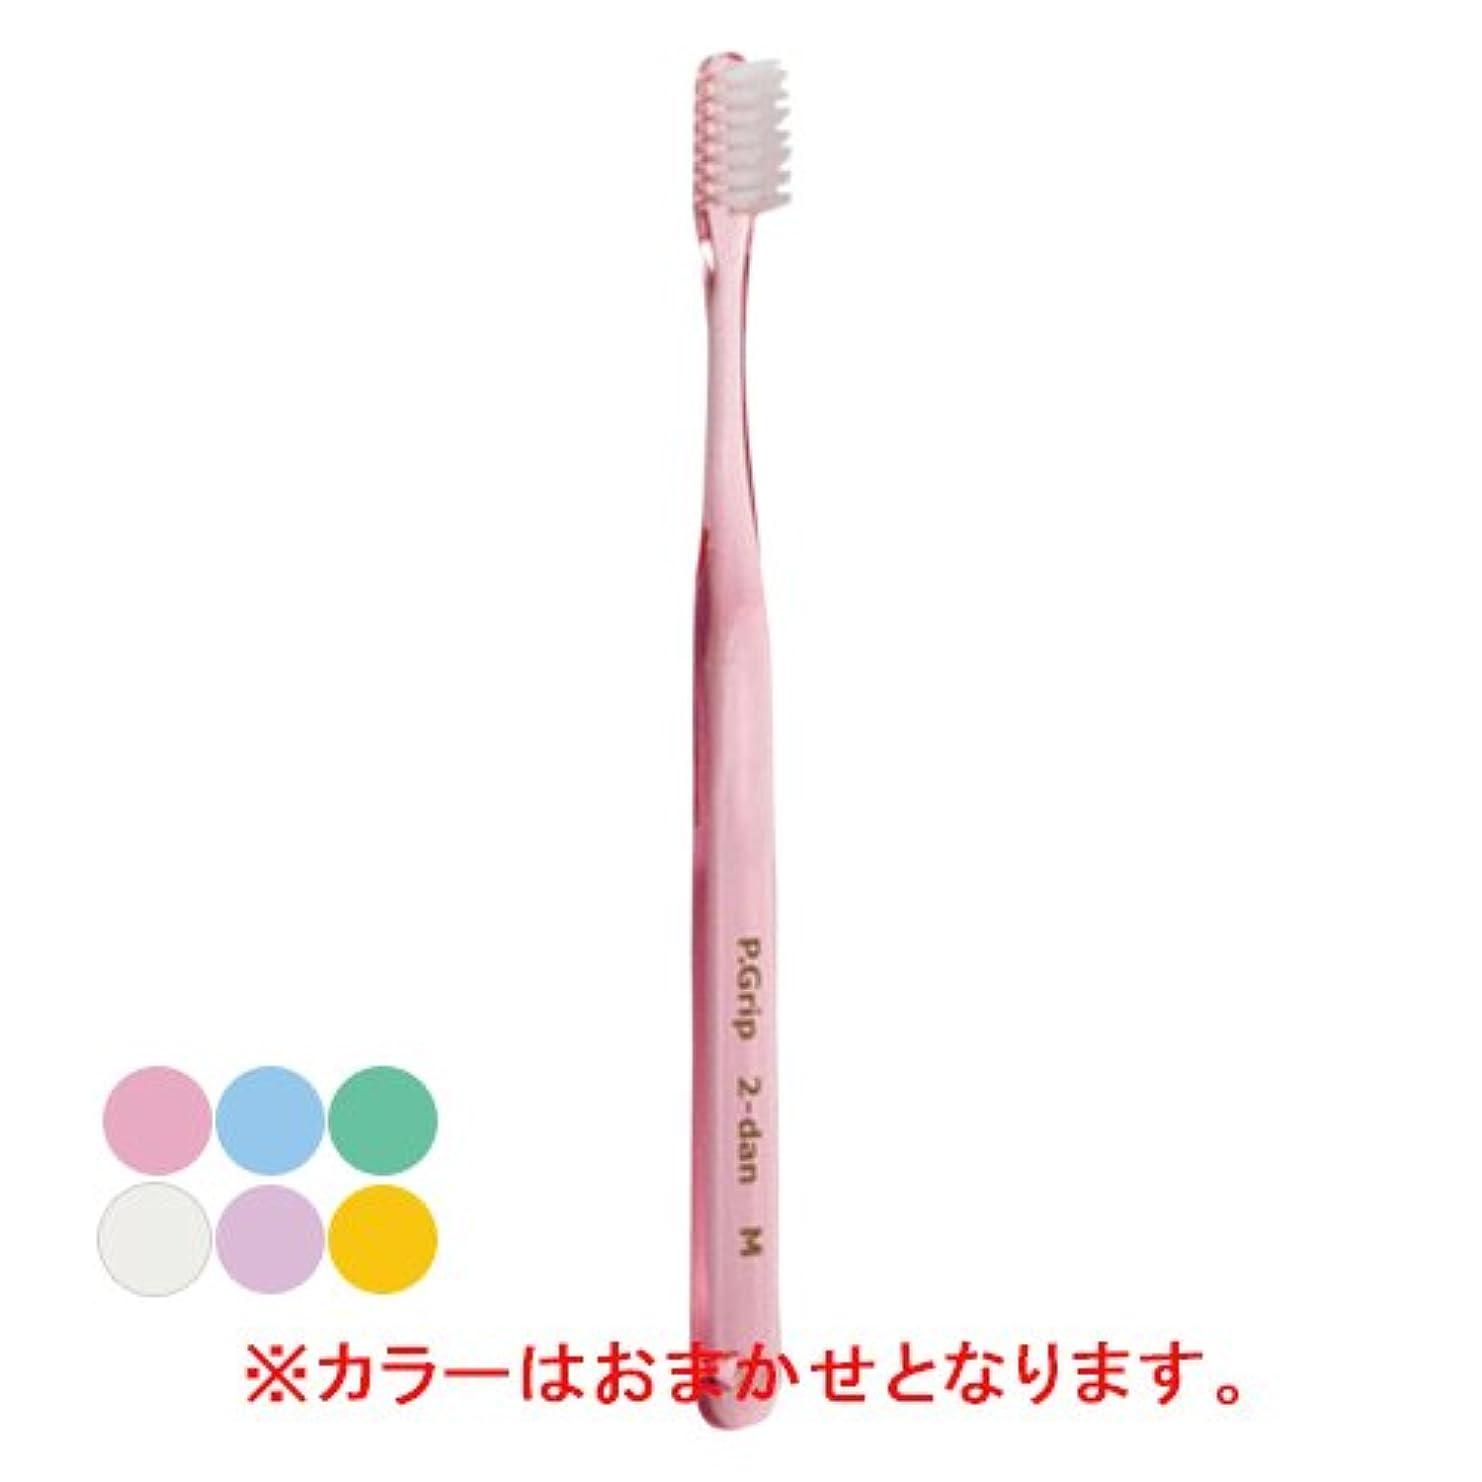 カリング赤道適合P.D.R.(ピーディーアール) P.Grip(ピーグリップ)歯ブラシ 二段植毛タイプ ミディアム(ふつう) 1本